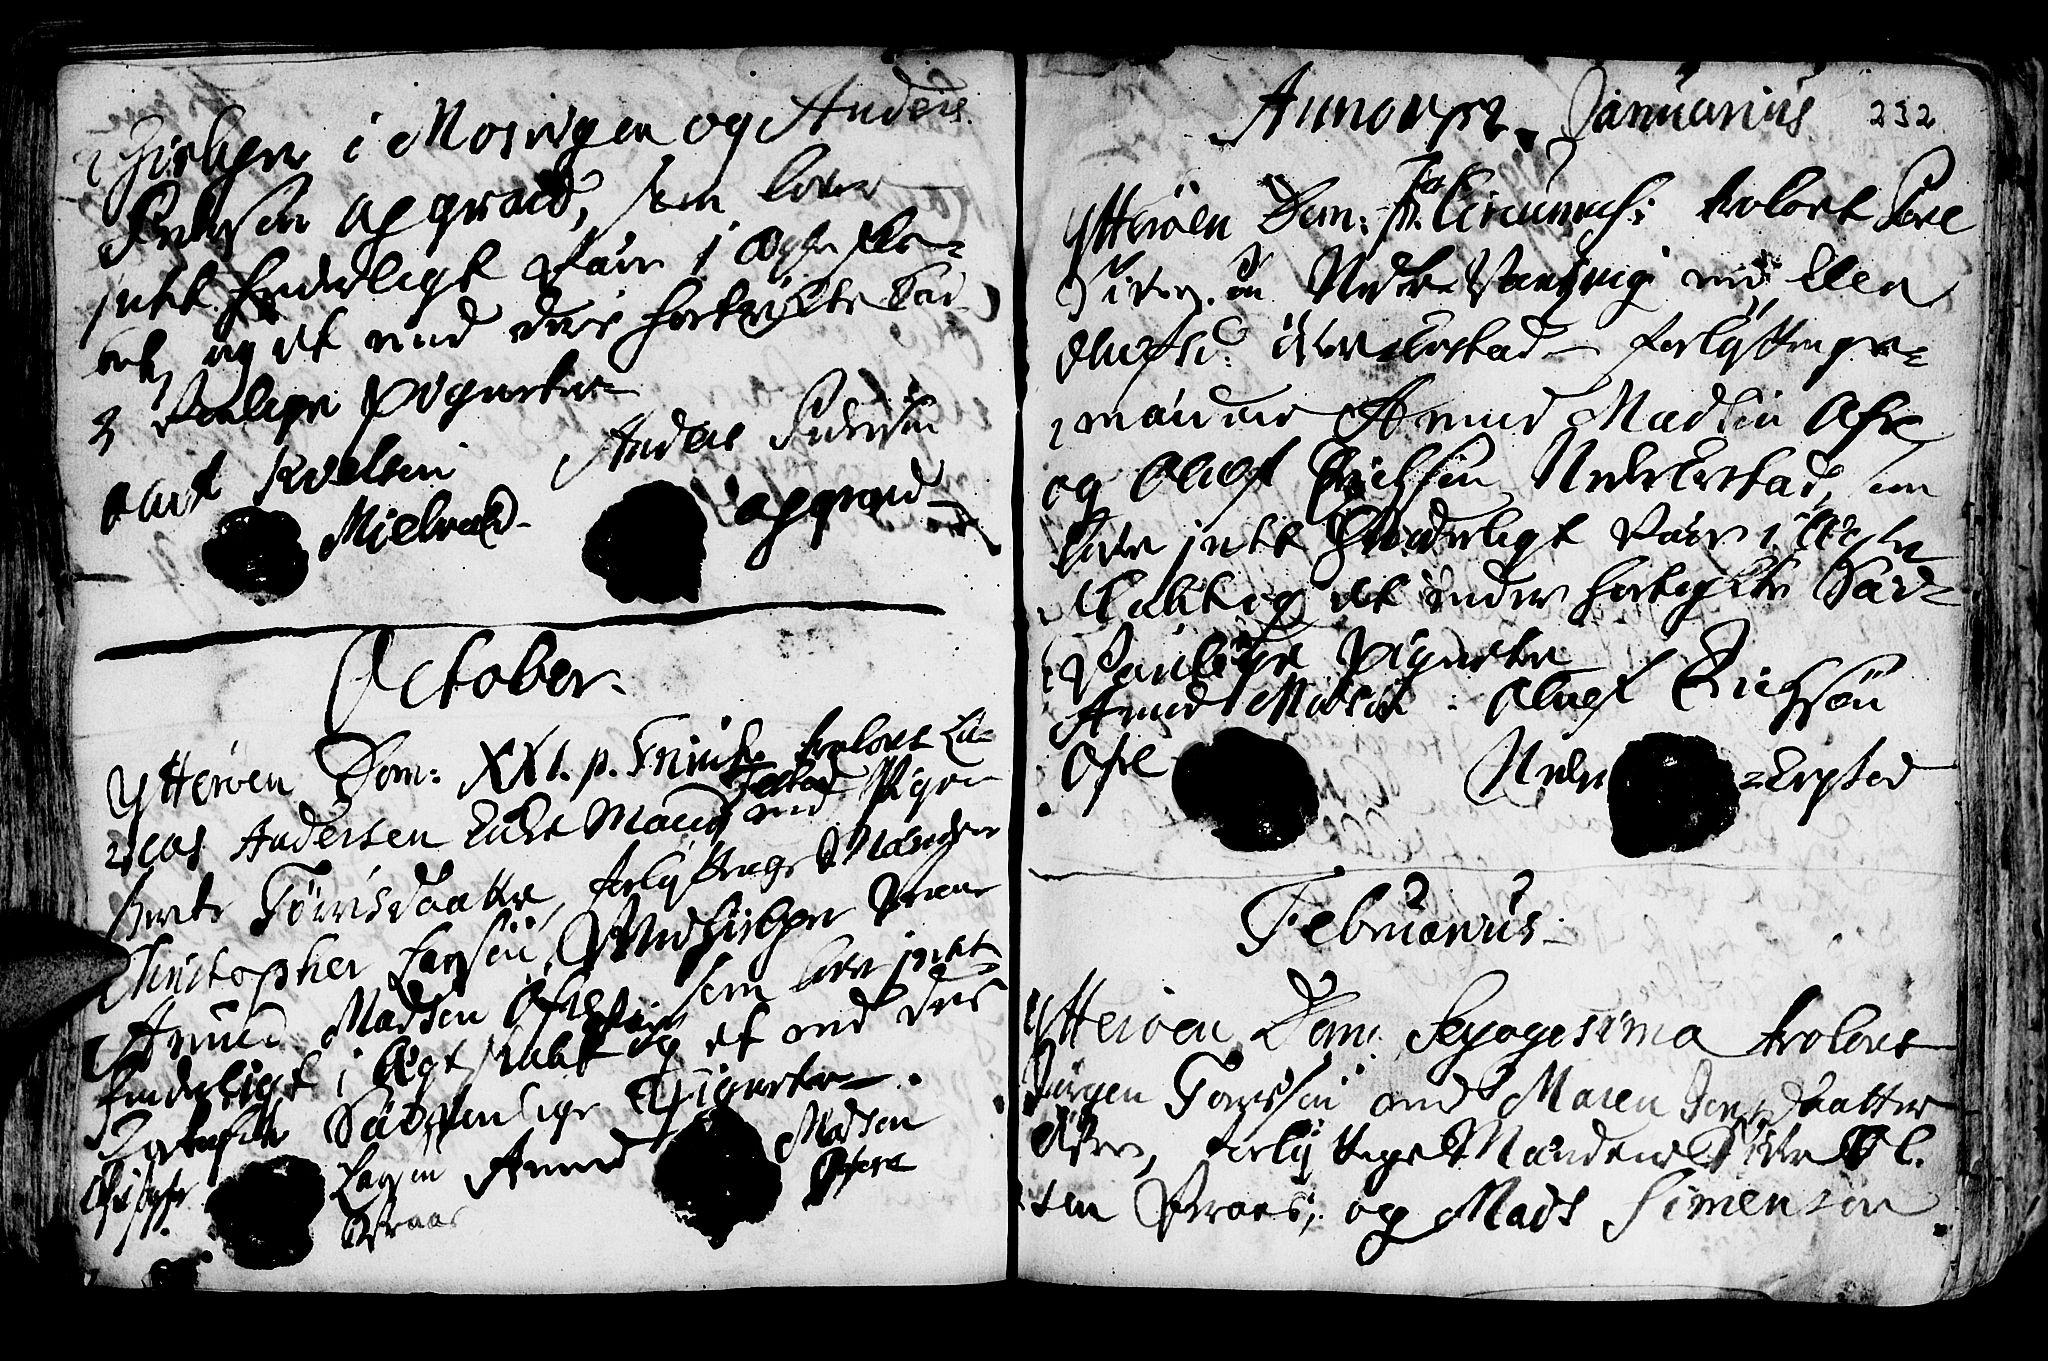 SAT, Ministerialprotokoller, klokkerbøker og fødselsregistre - Nord-Trøndelag, 722/L0215: Ministerialbok nr. 722A02, 1718-1755, s. 232